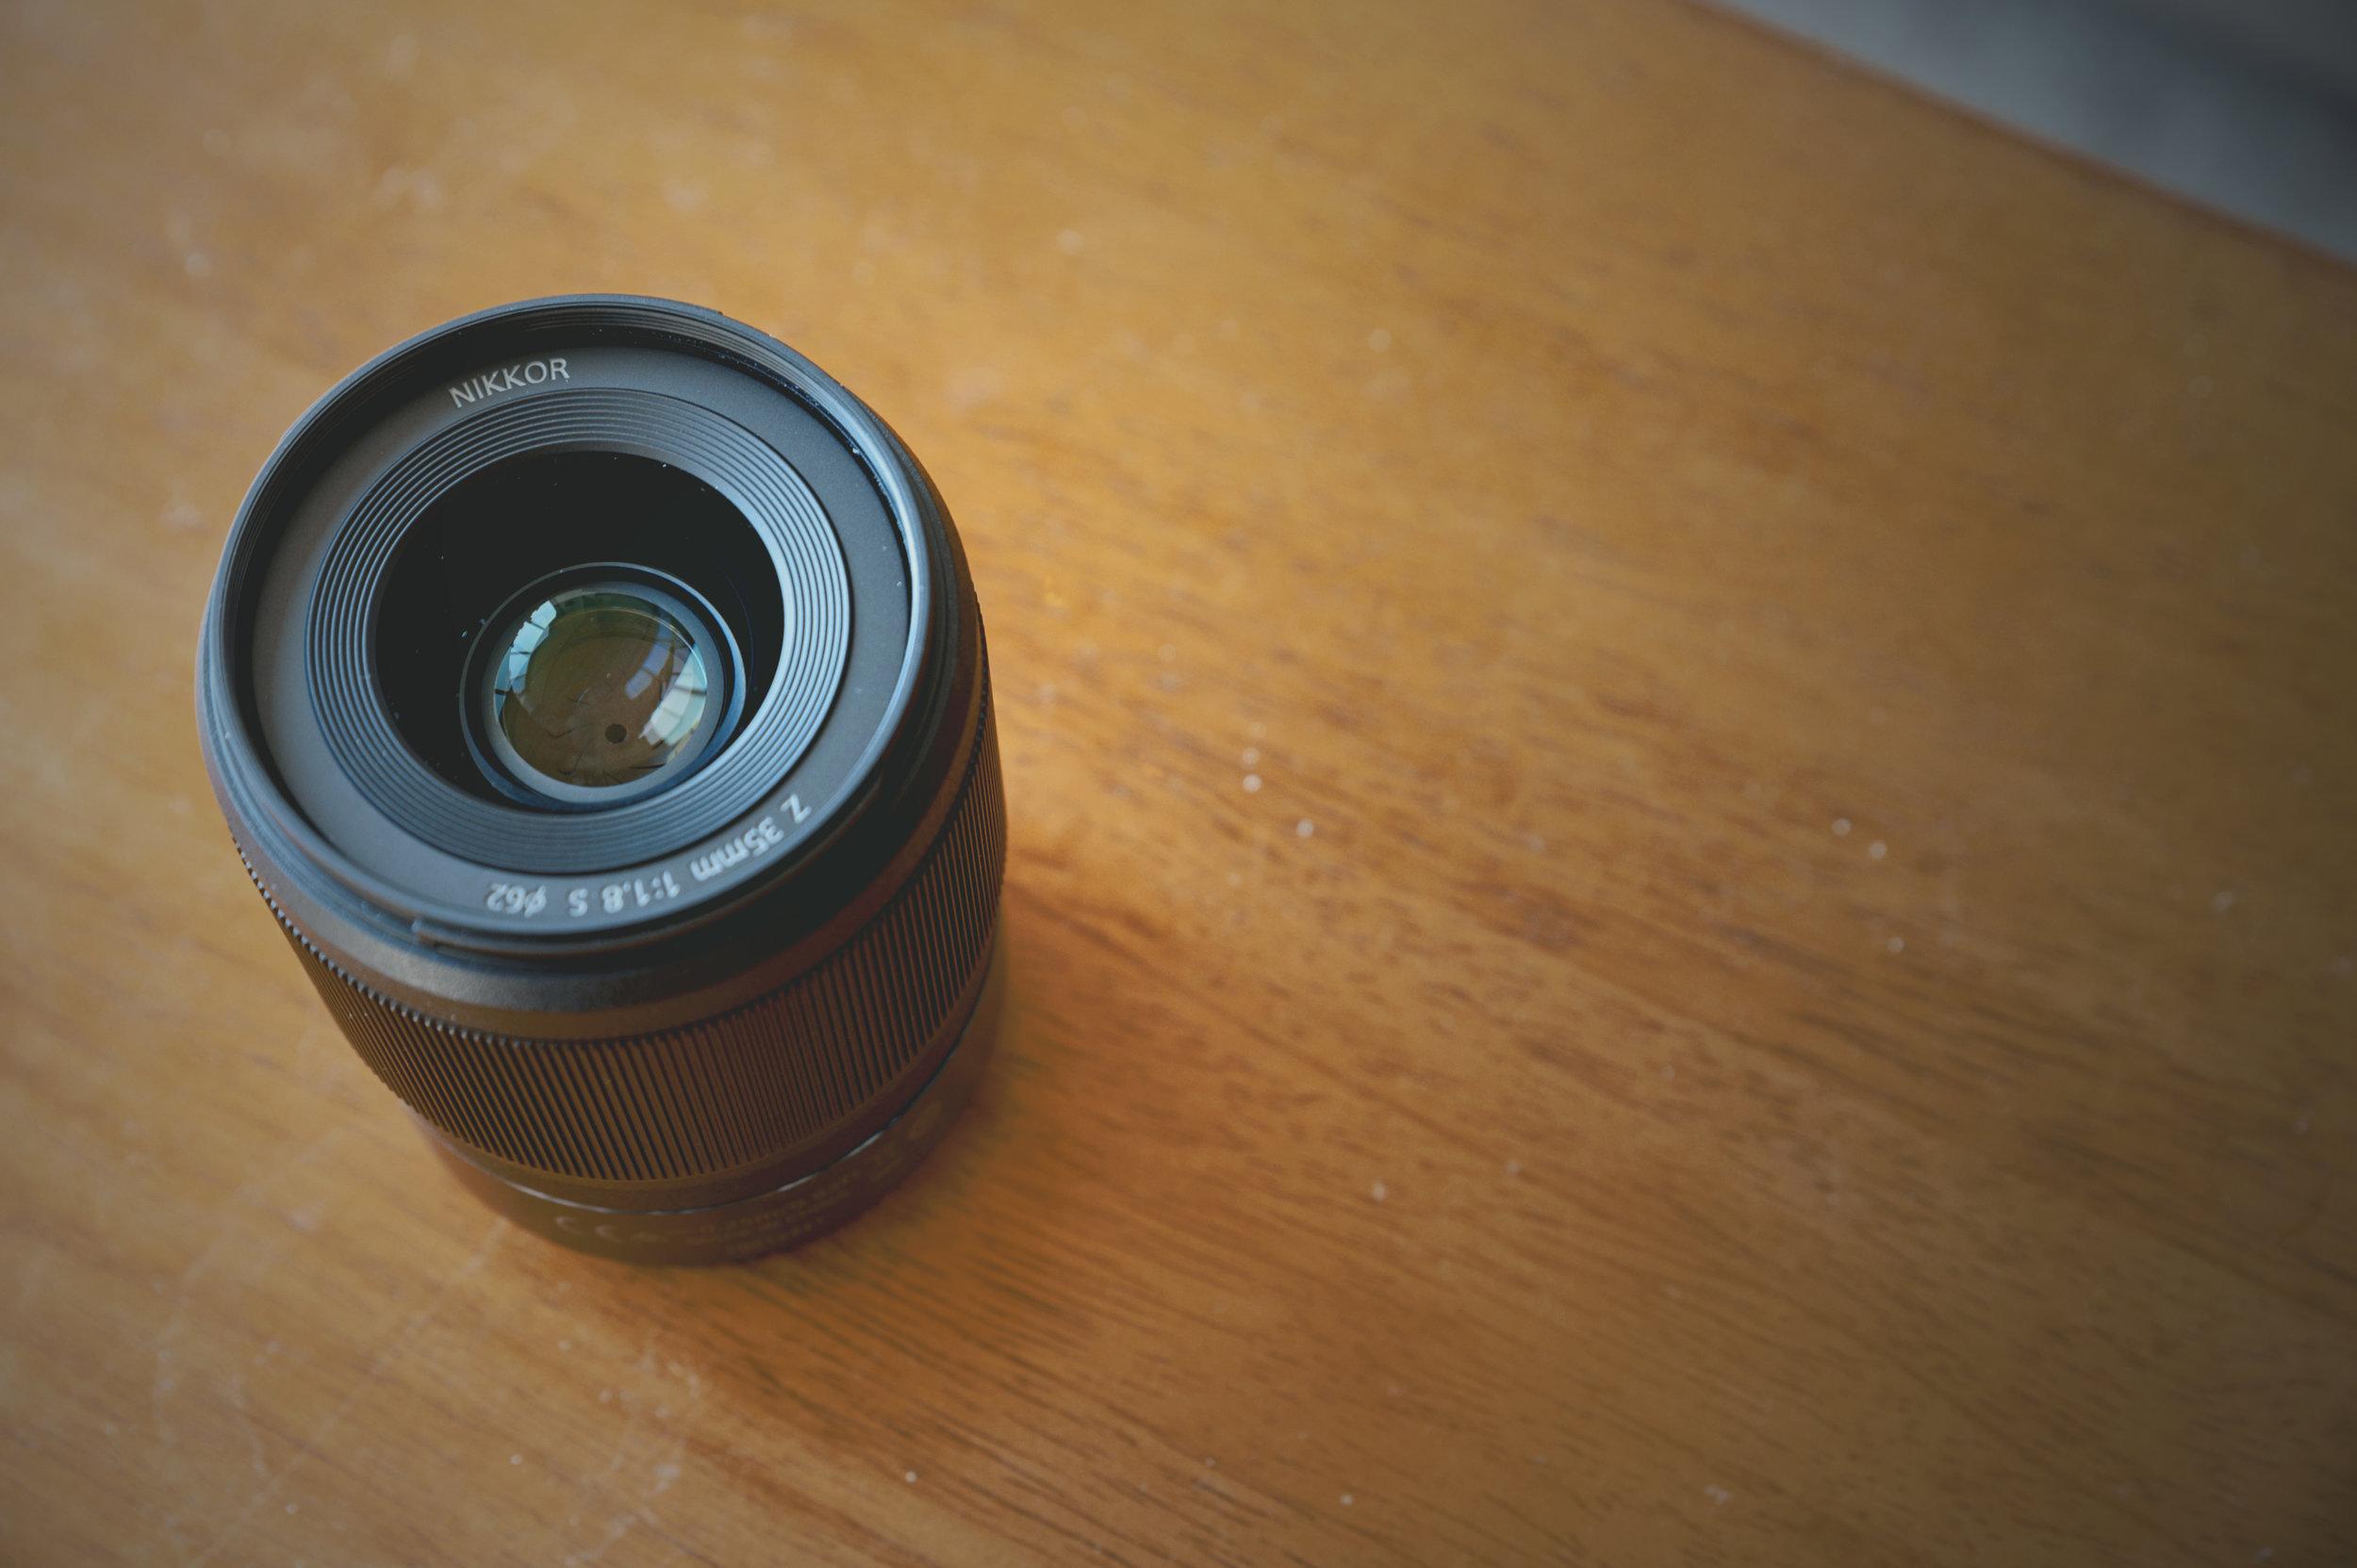 The Nikkor 35 MM - The Lens of the Storyteller